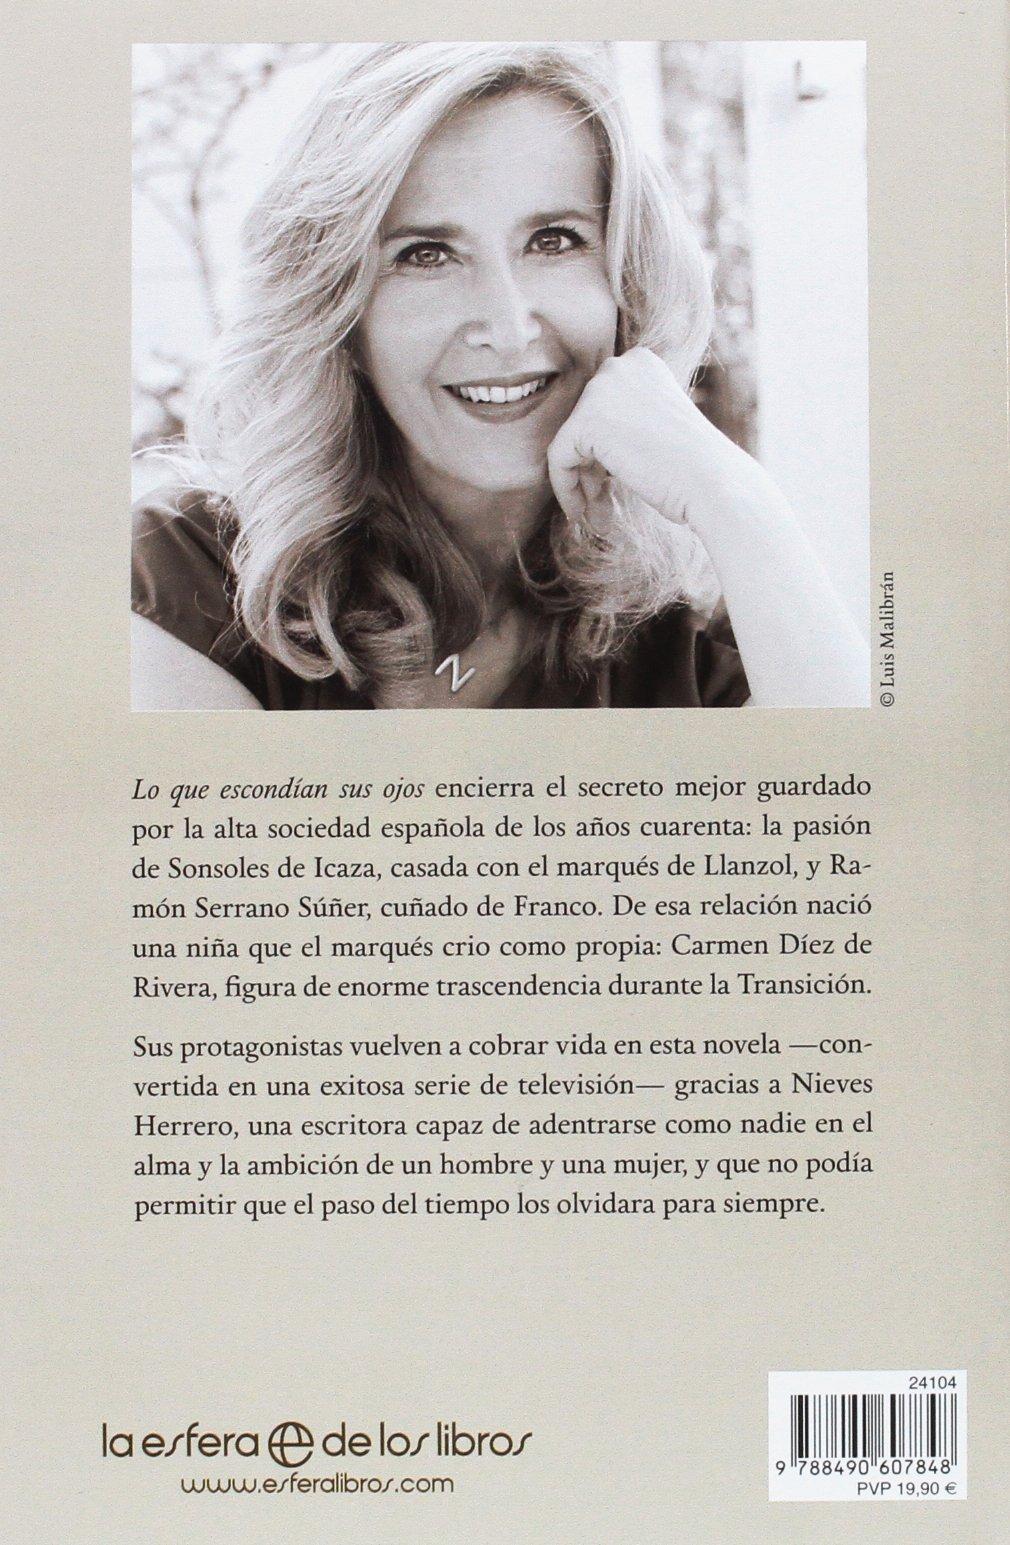 Lo que escondían sus ojos: La pasión oculta de la marquesa de Llanzol: Nieves Herrero: 9788490607848: Amazon.com: Books